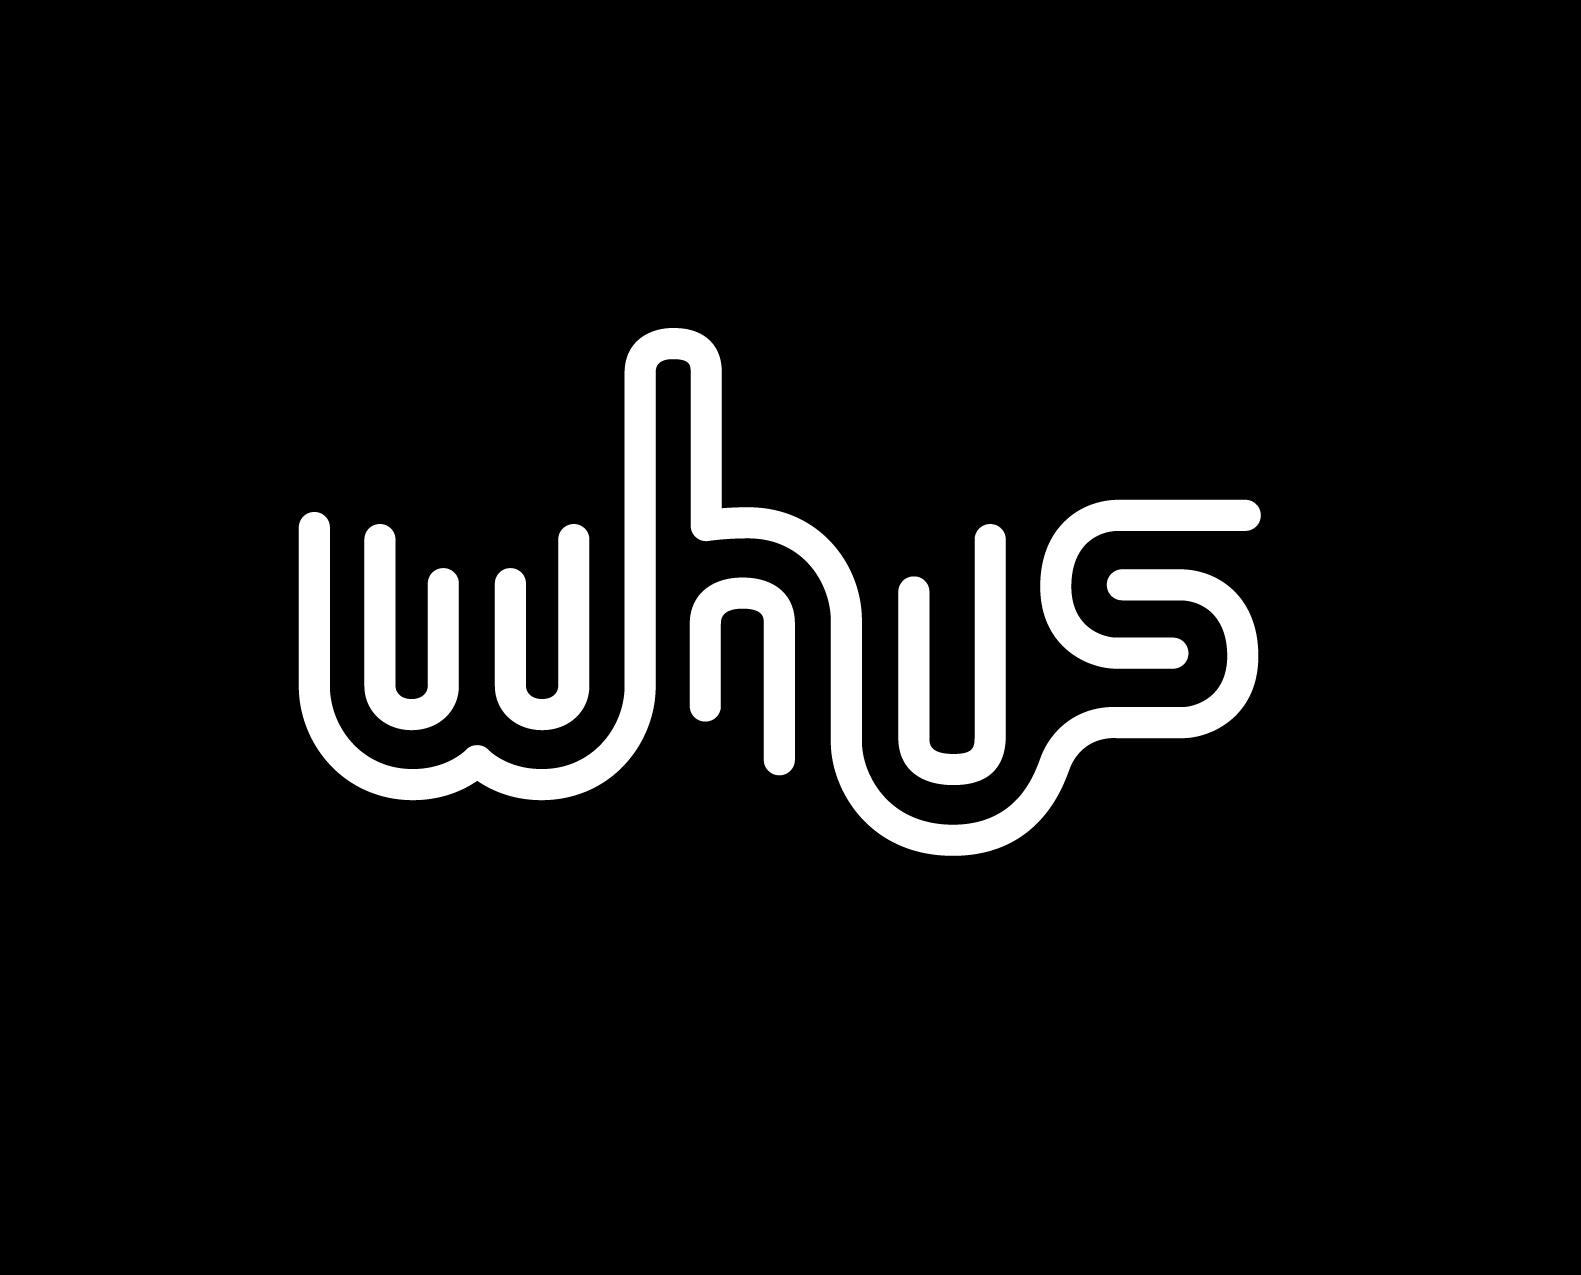 WHUS_FM_dl_logo_15.5.11-01.jpg